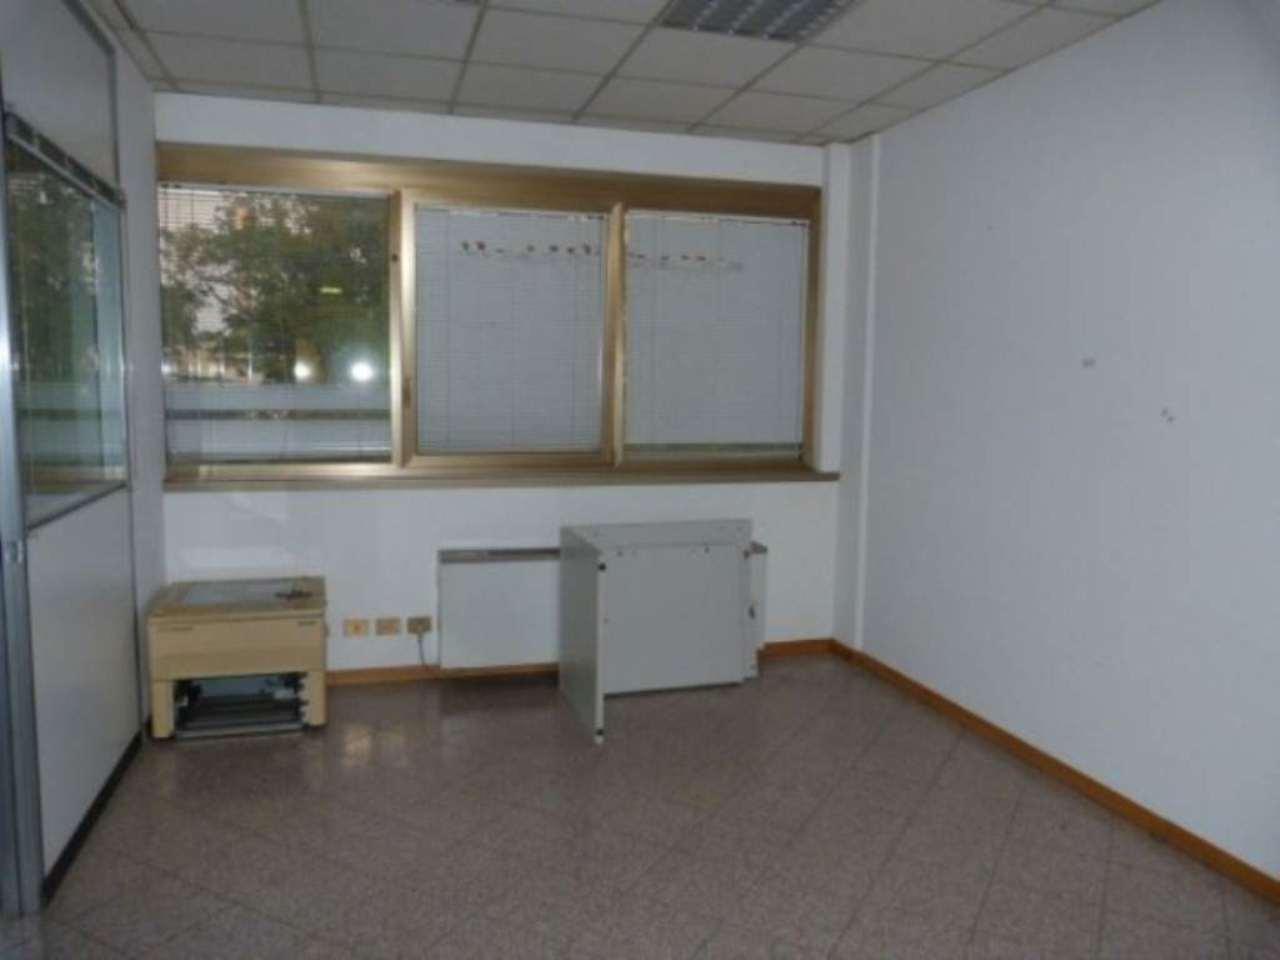 Laboratorio in affitto a Lurate Caccivio, 5 locali, prezzo € 1.700 | Cambio Casa.it